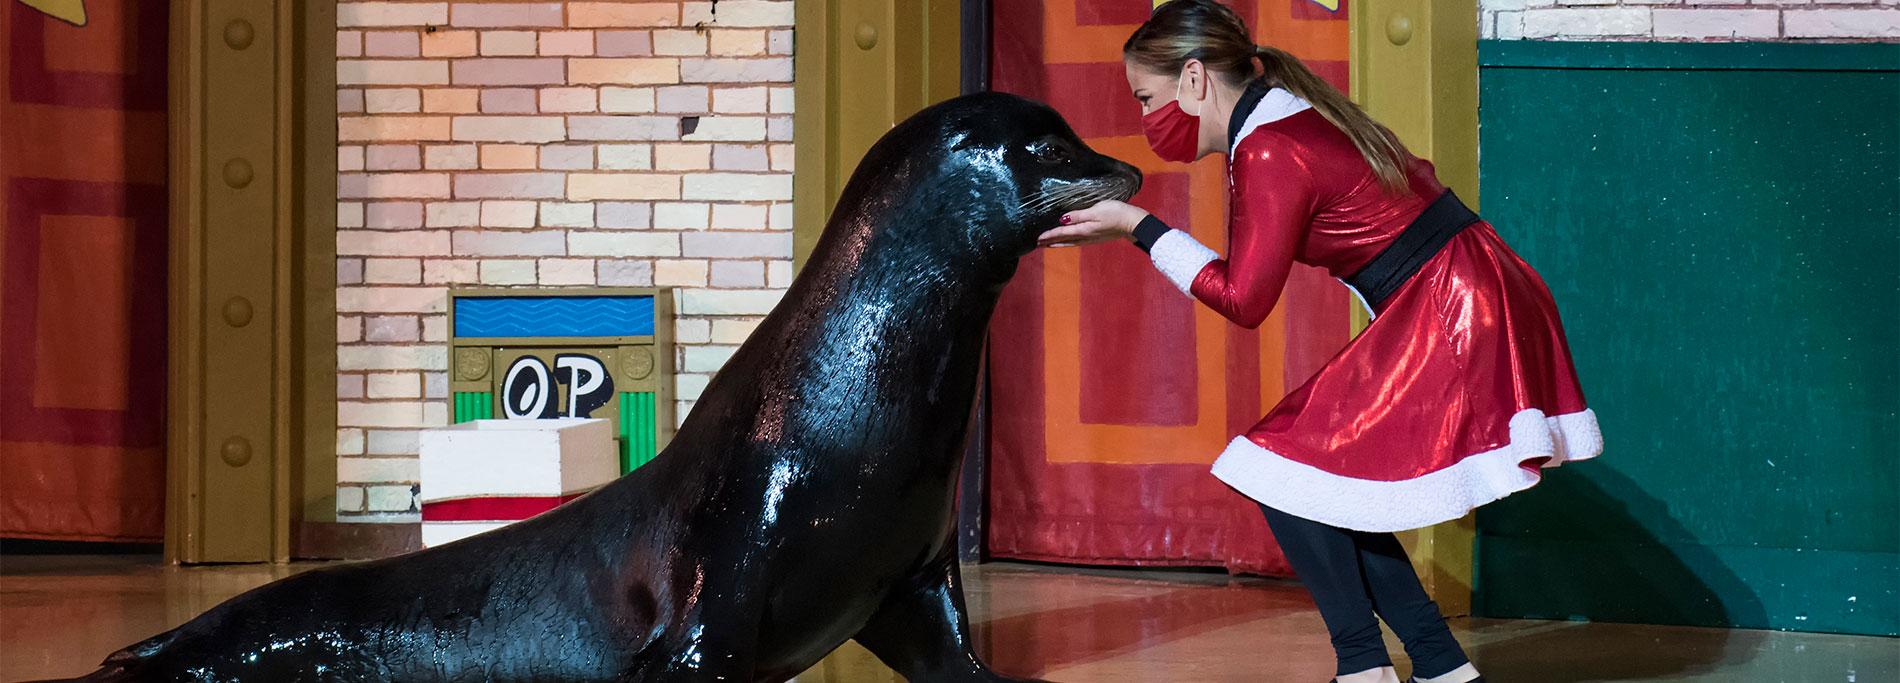 Countdown to Christmas holiday show at SeaWorld San Antonio